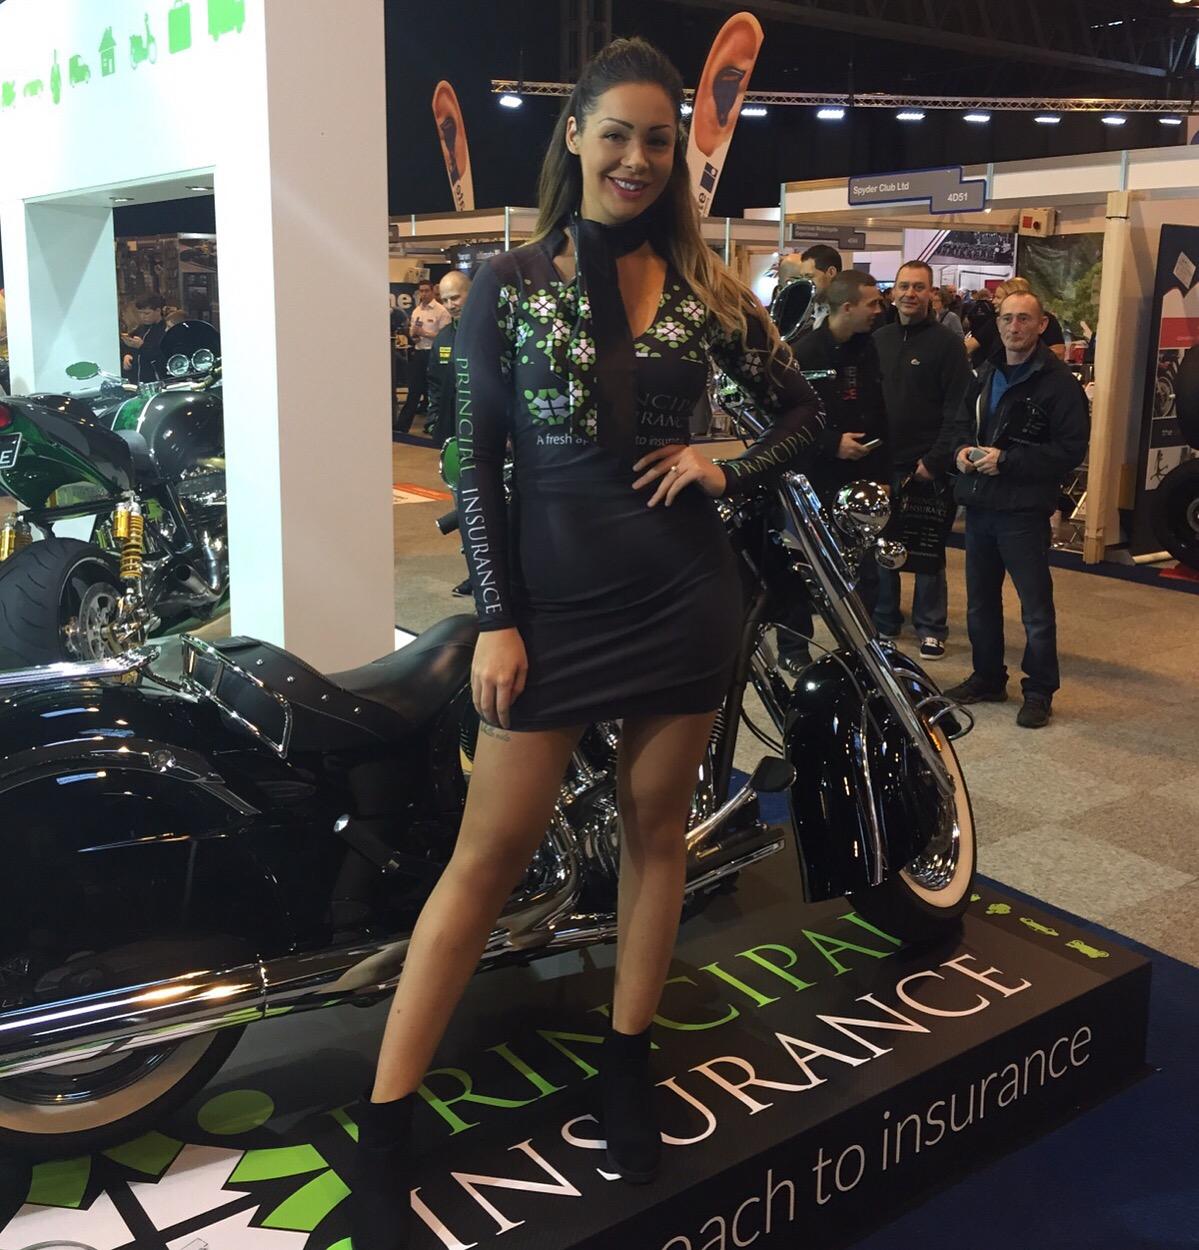 Principal Insurance Girls at Motorcycle Live